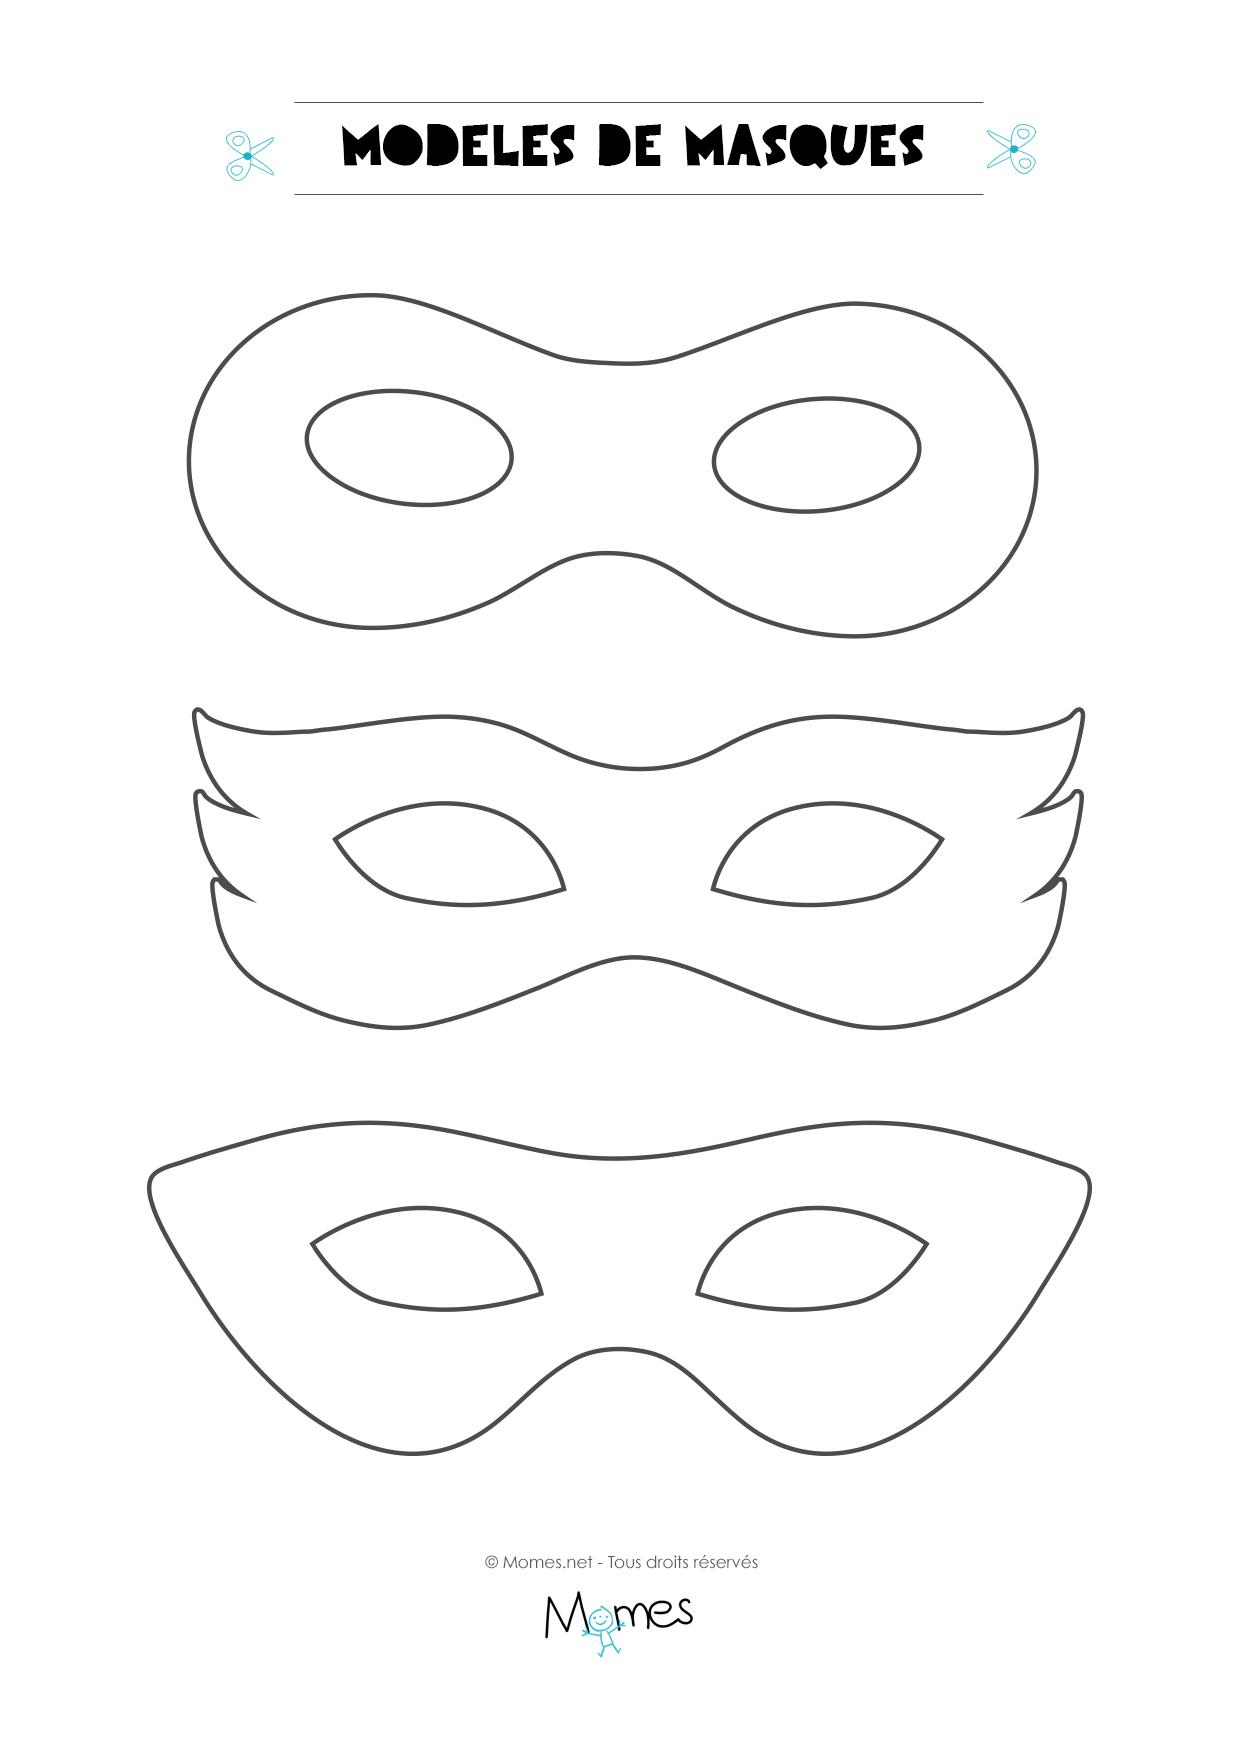 6 Modèles De Masques Pour Le Carnaval - Momes dedans Masque De Loup À Imprimer